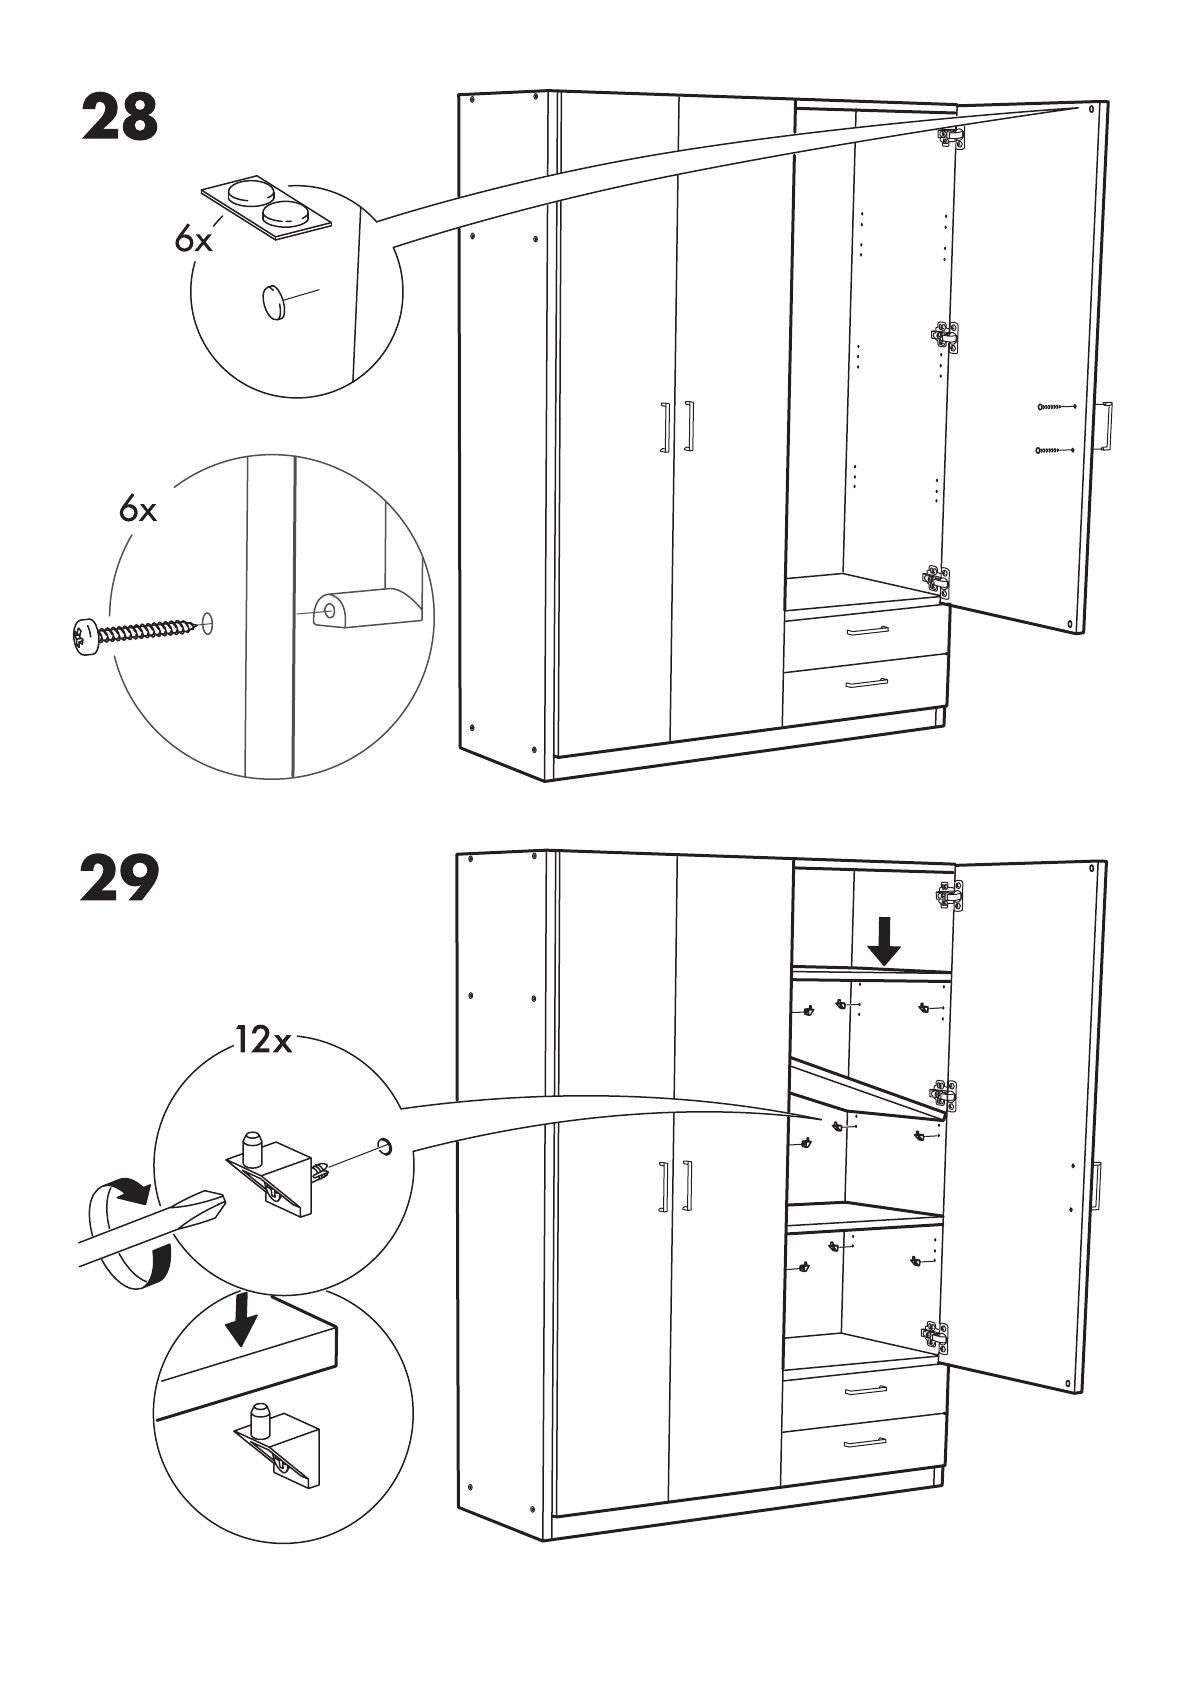 Ikea Kullen Garderobekast.Handleiding Ikea Kullen Garderobekast Pagina 2 Van 10